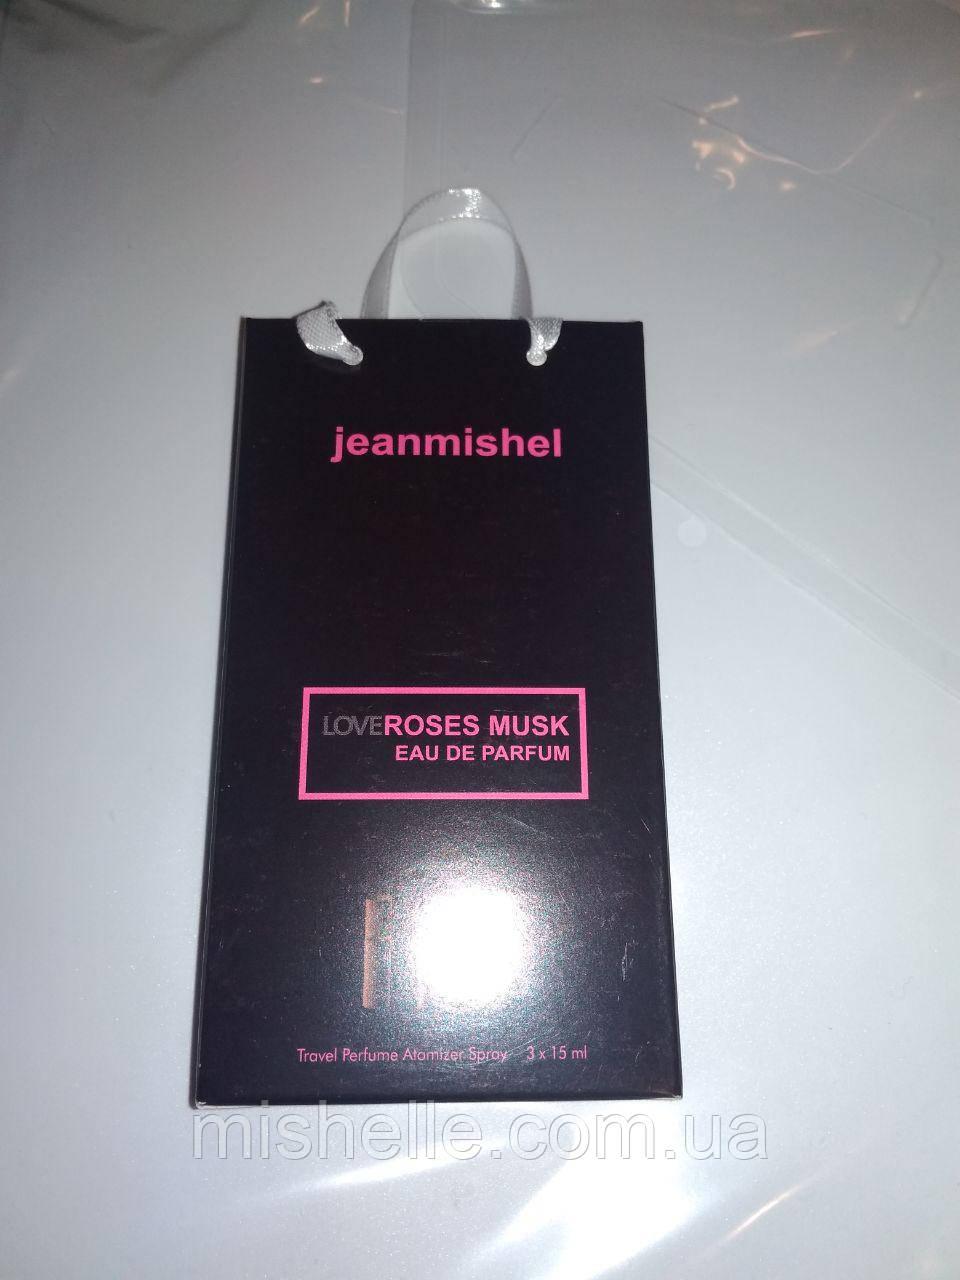 Міні духи в подарунковій упаковці jeanmishel Love Roses Musk eau de parfum 45ml